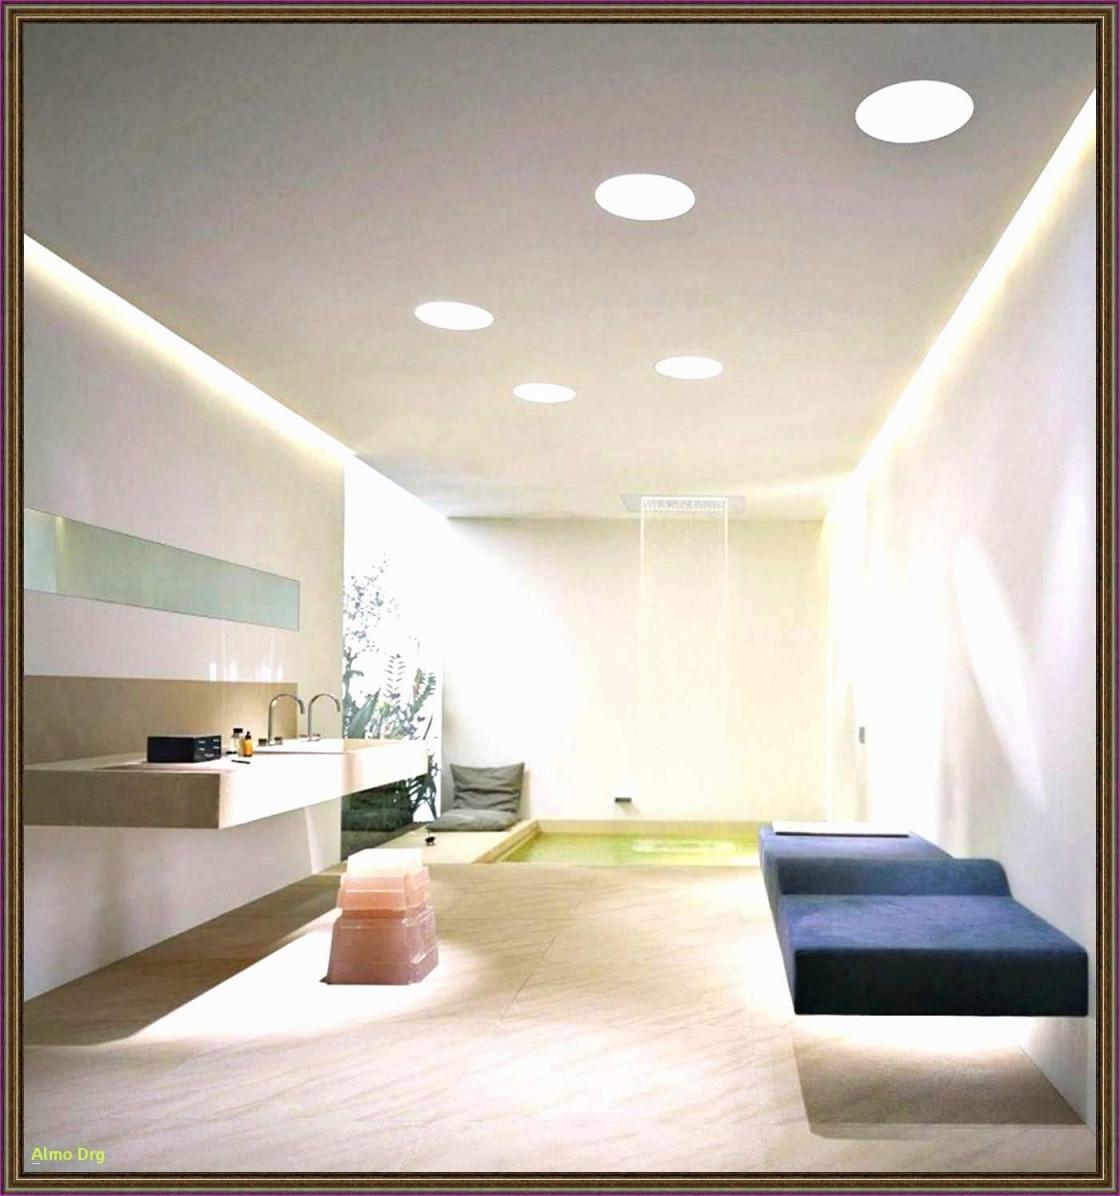 Deckenverkleidung Wohnzimmer Luxus Reizend Beleuchtung von Moderne Deckenverkleidung Wohnzimmer Photo